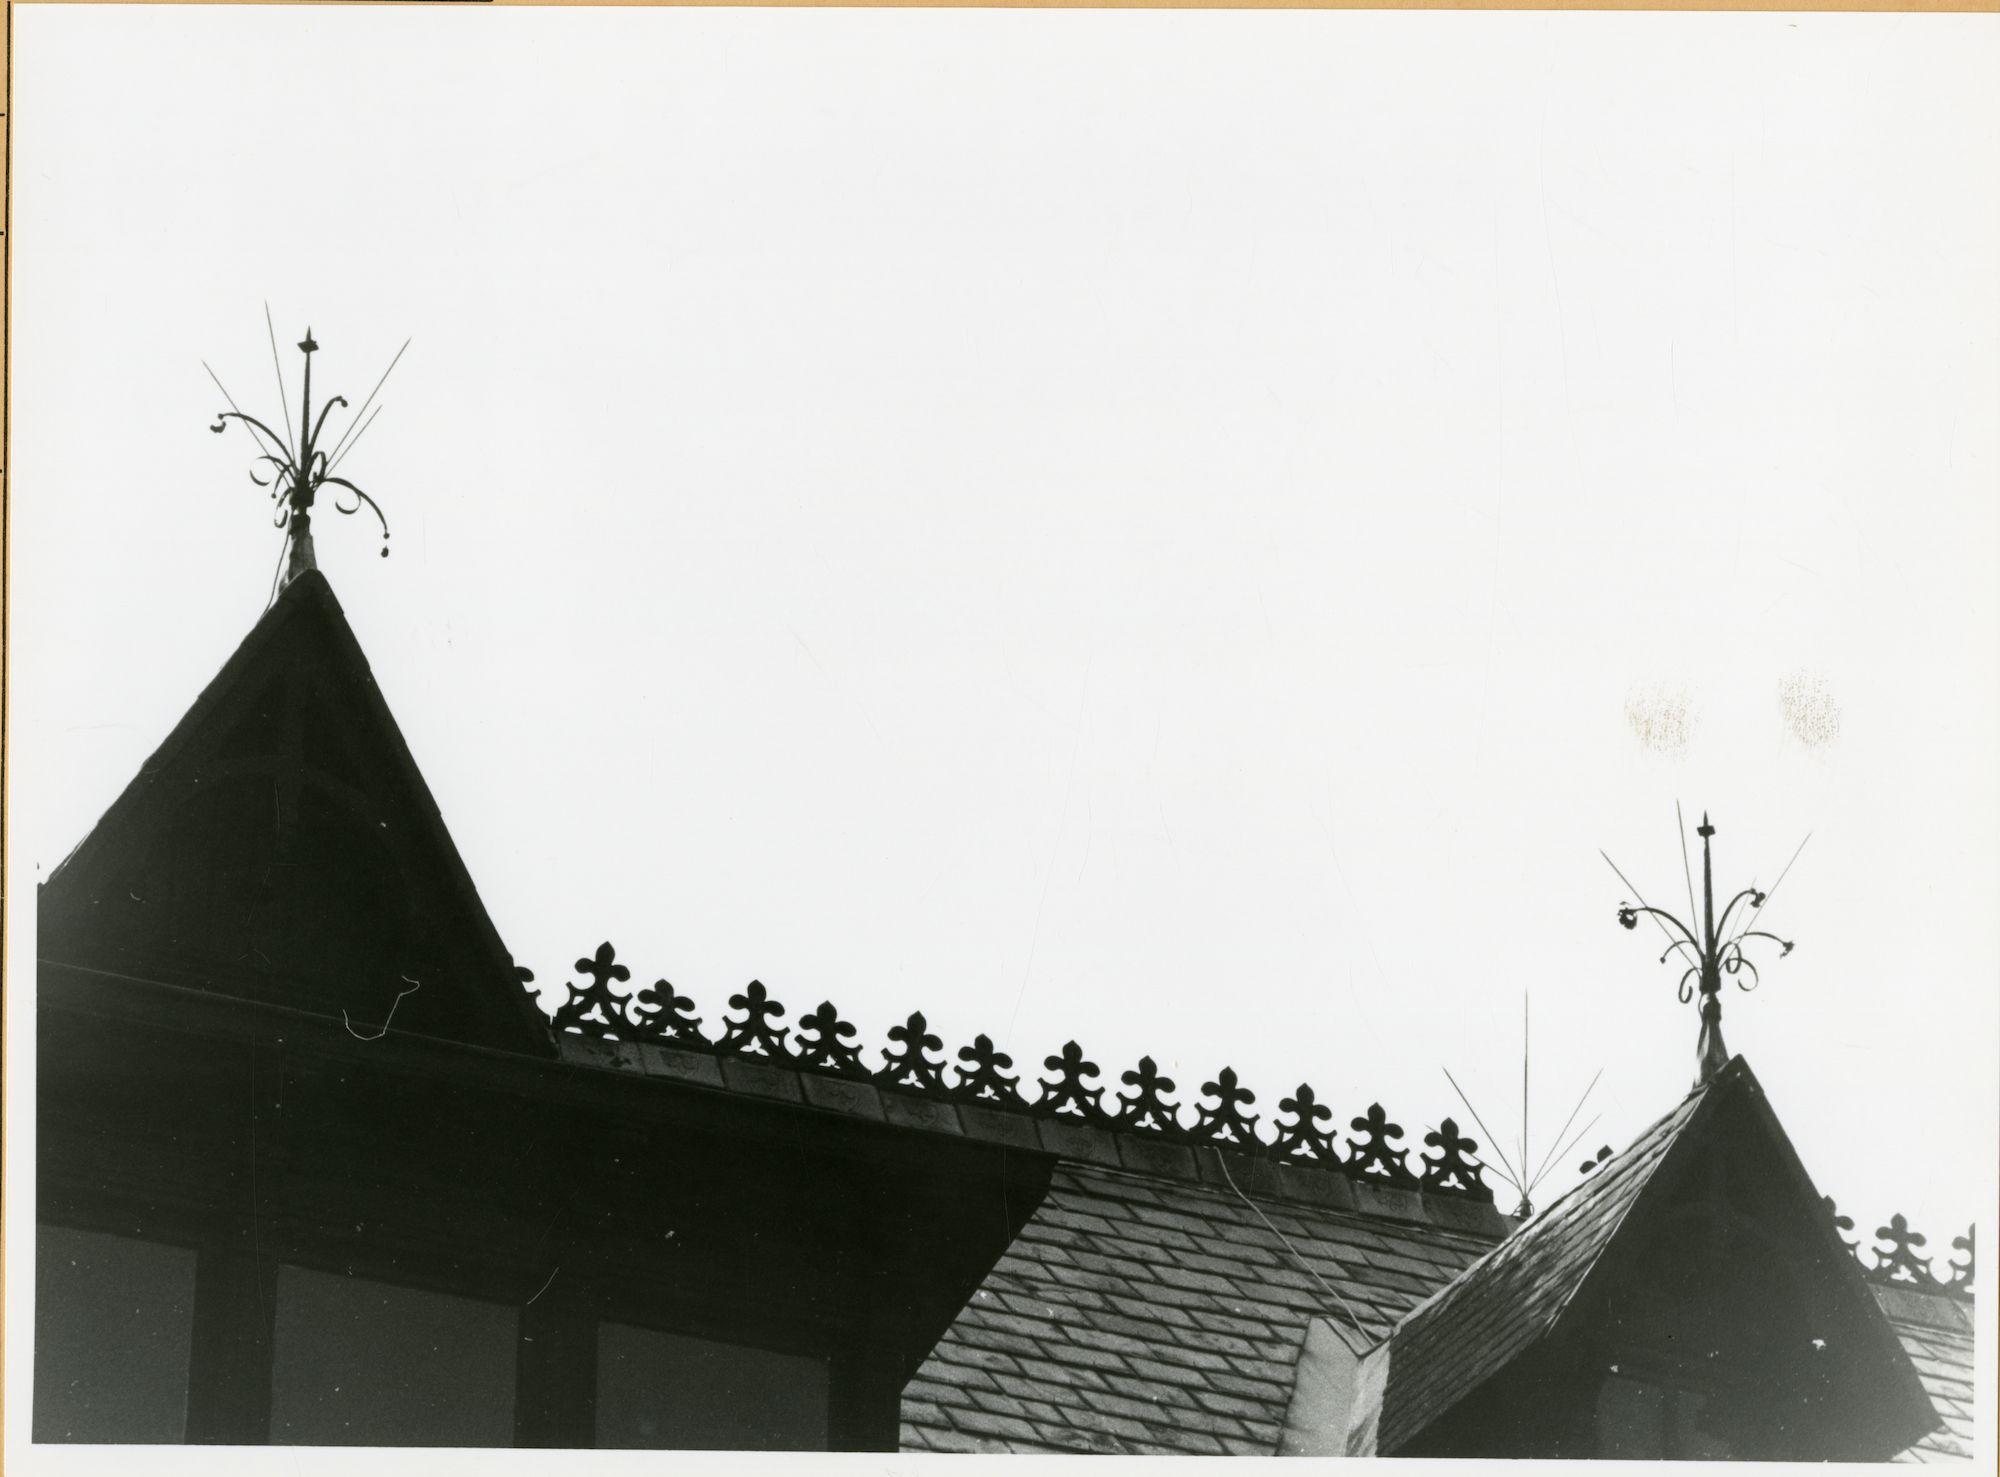 Gent: Louis Pasteurlaan: Nokversiering, 1979